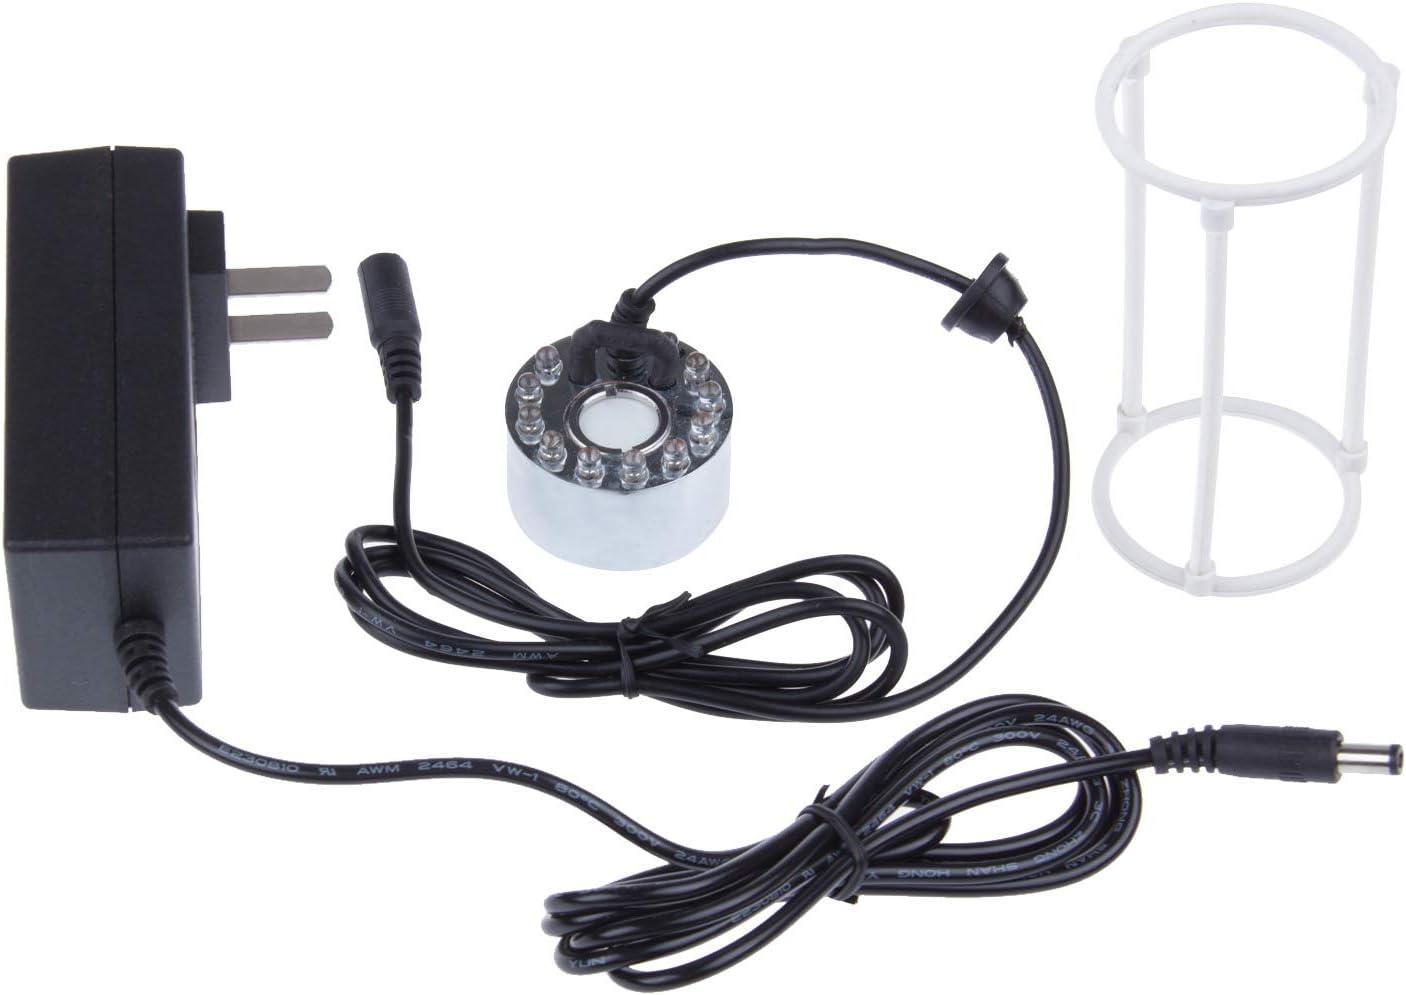 LemonBest New 24V 12 LED Ultrasonic Fog Mist Maker Fogger Atomizer Air Humidifier+Charger